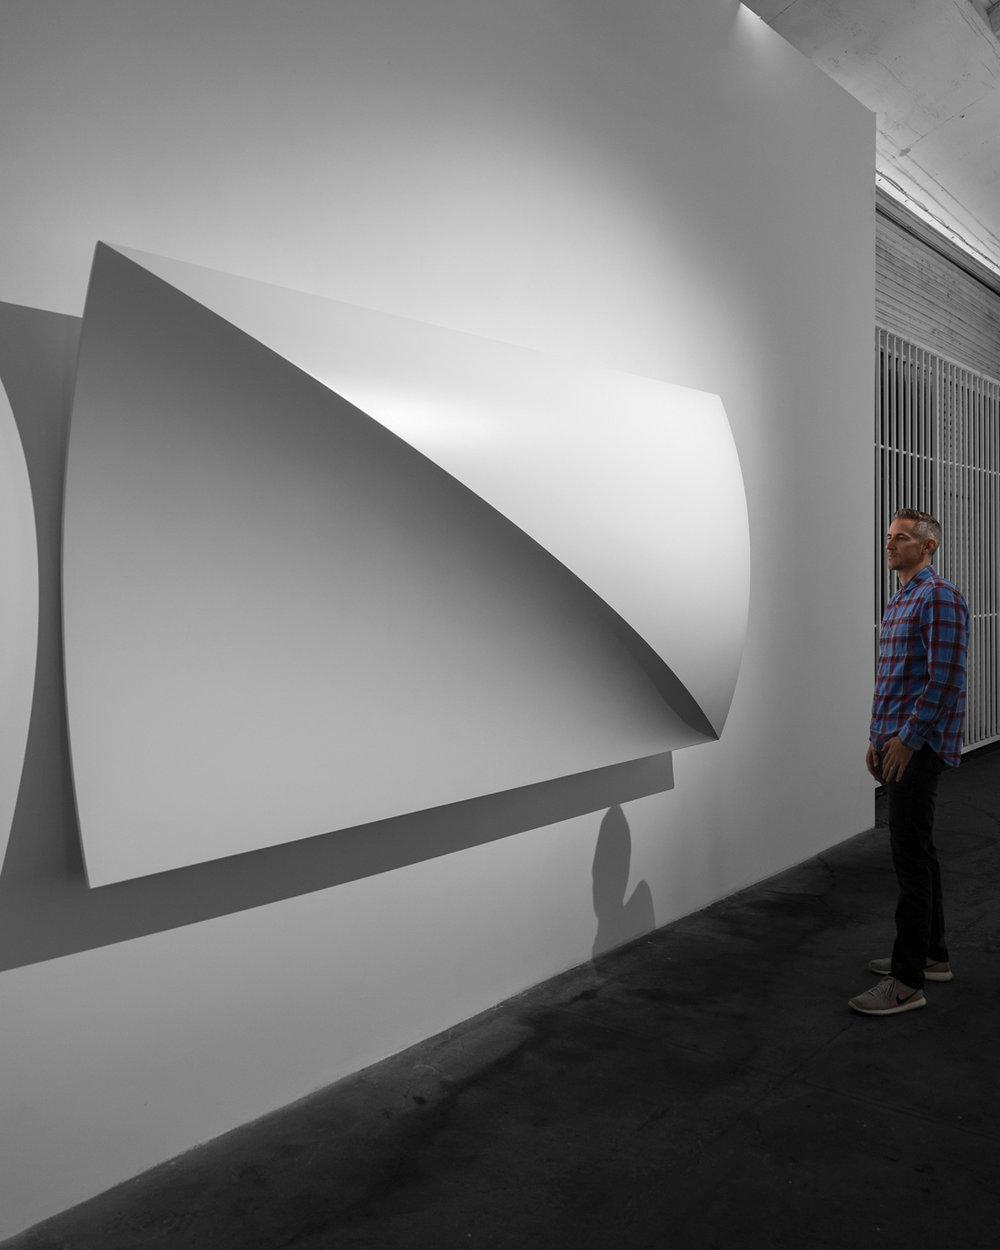 LightShadow-DTLA-LanceGerber-43.jpg